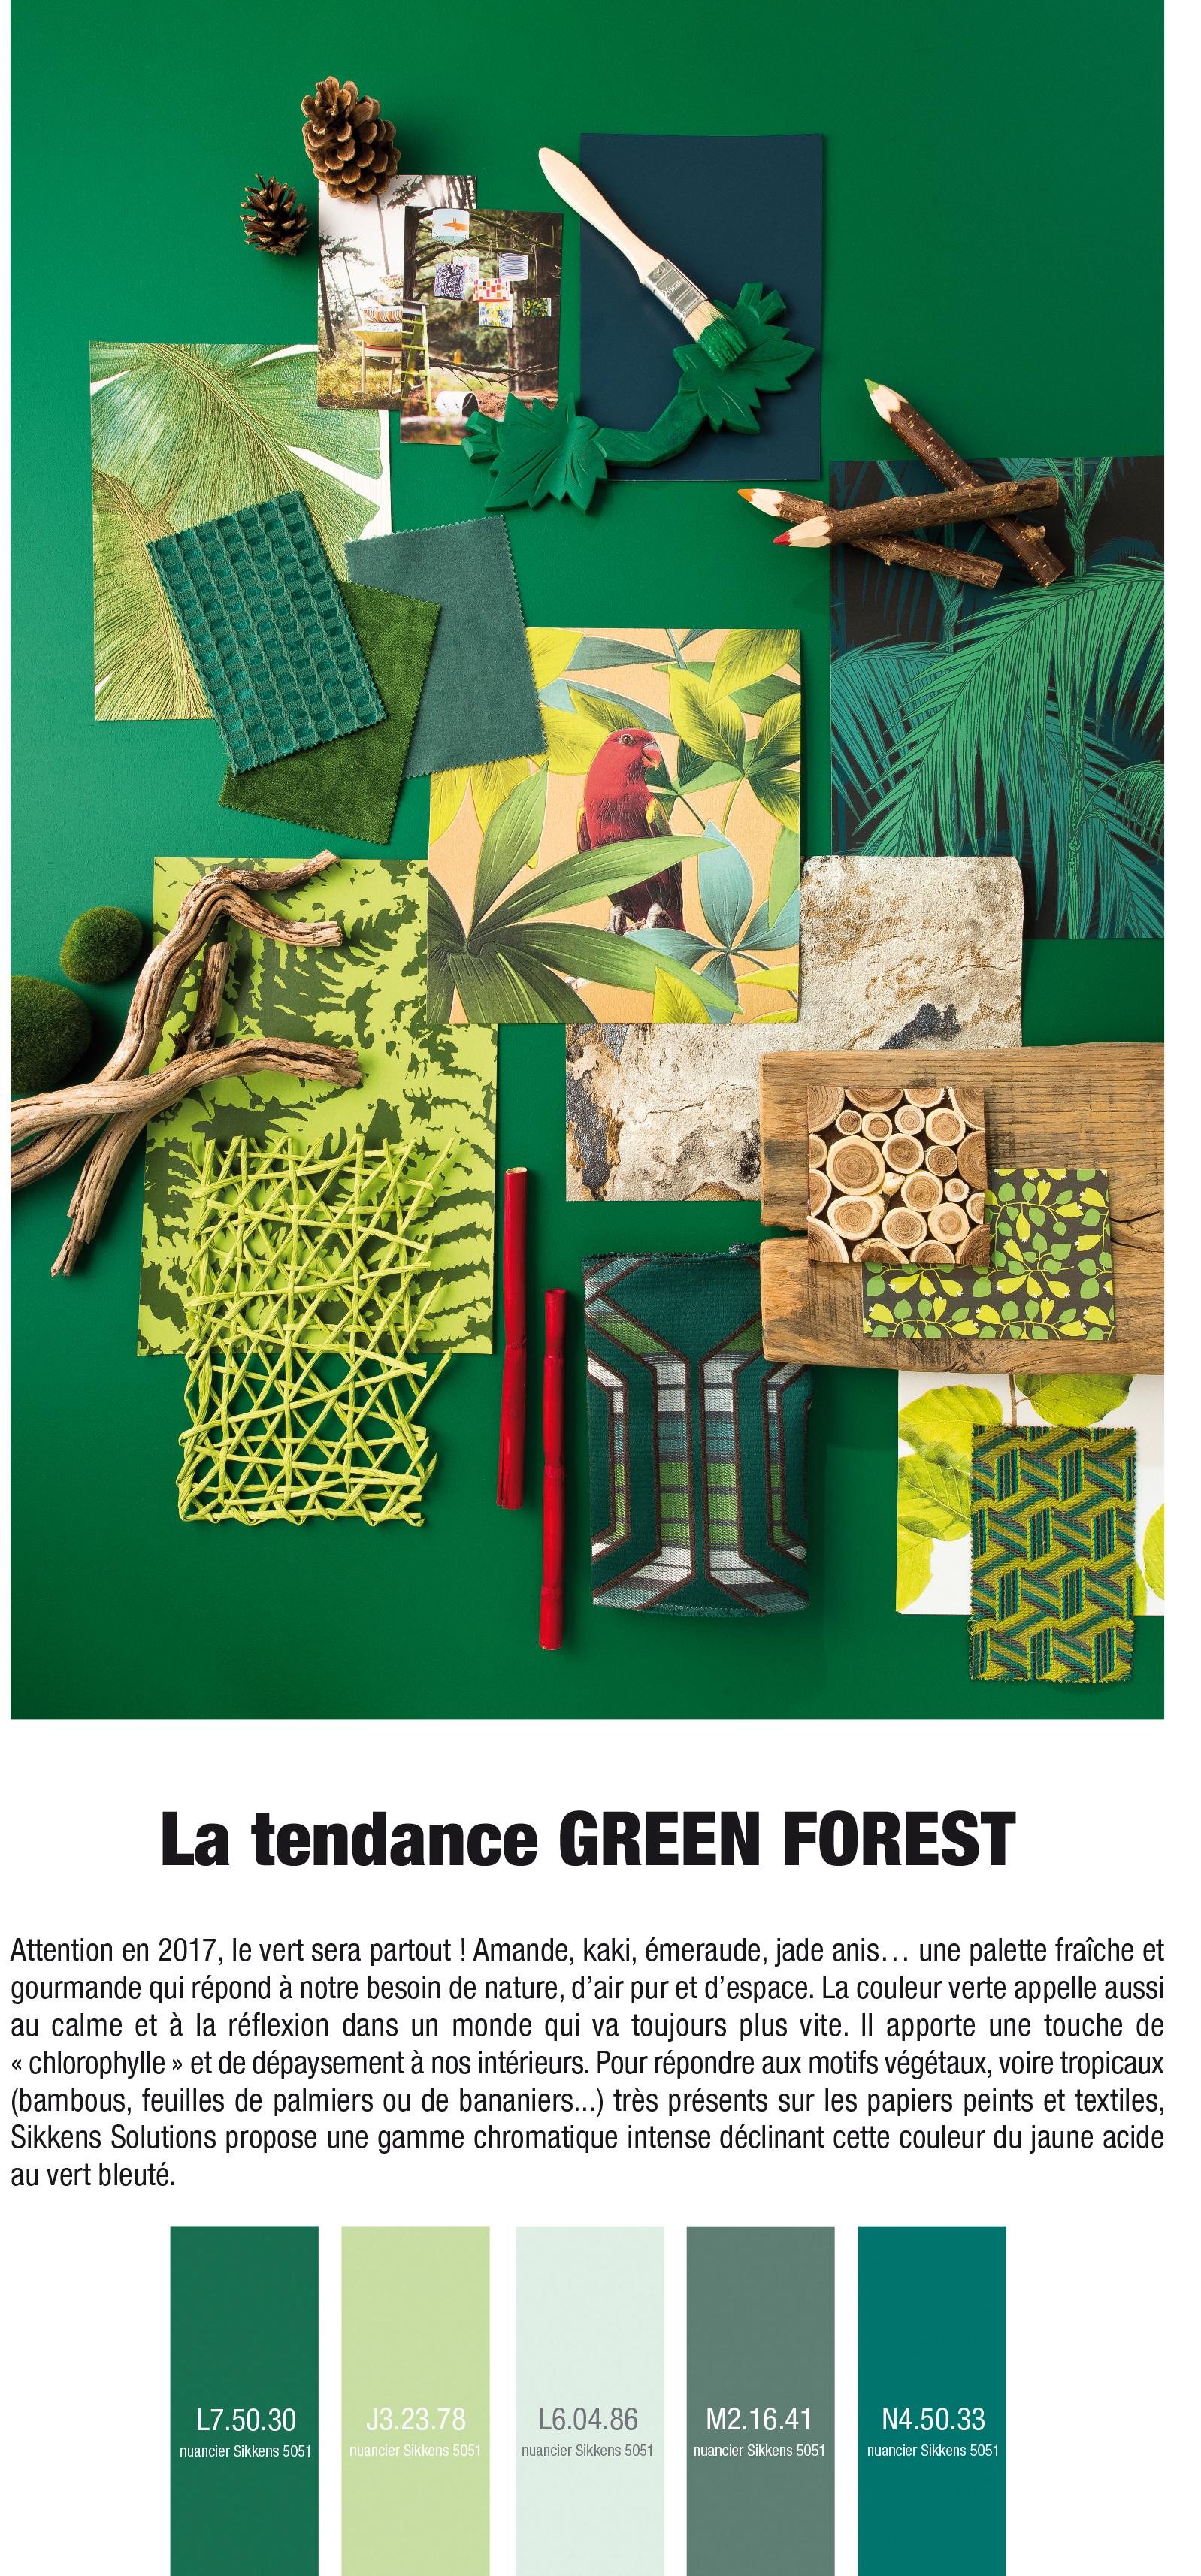 Pêle mêle de matériaux (papiers peints, tissus, peintures, bois...) exprimant la tendance décorative Green Forest